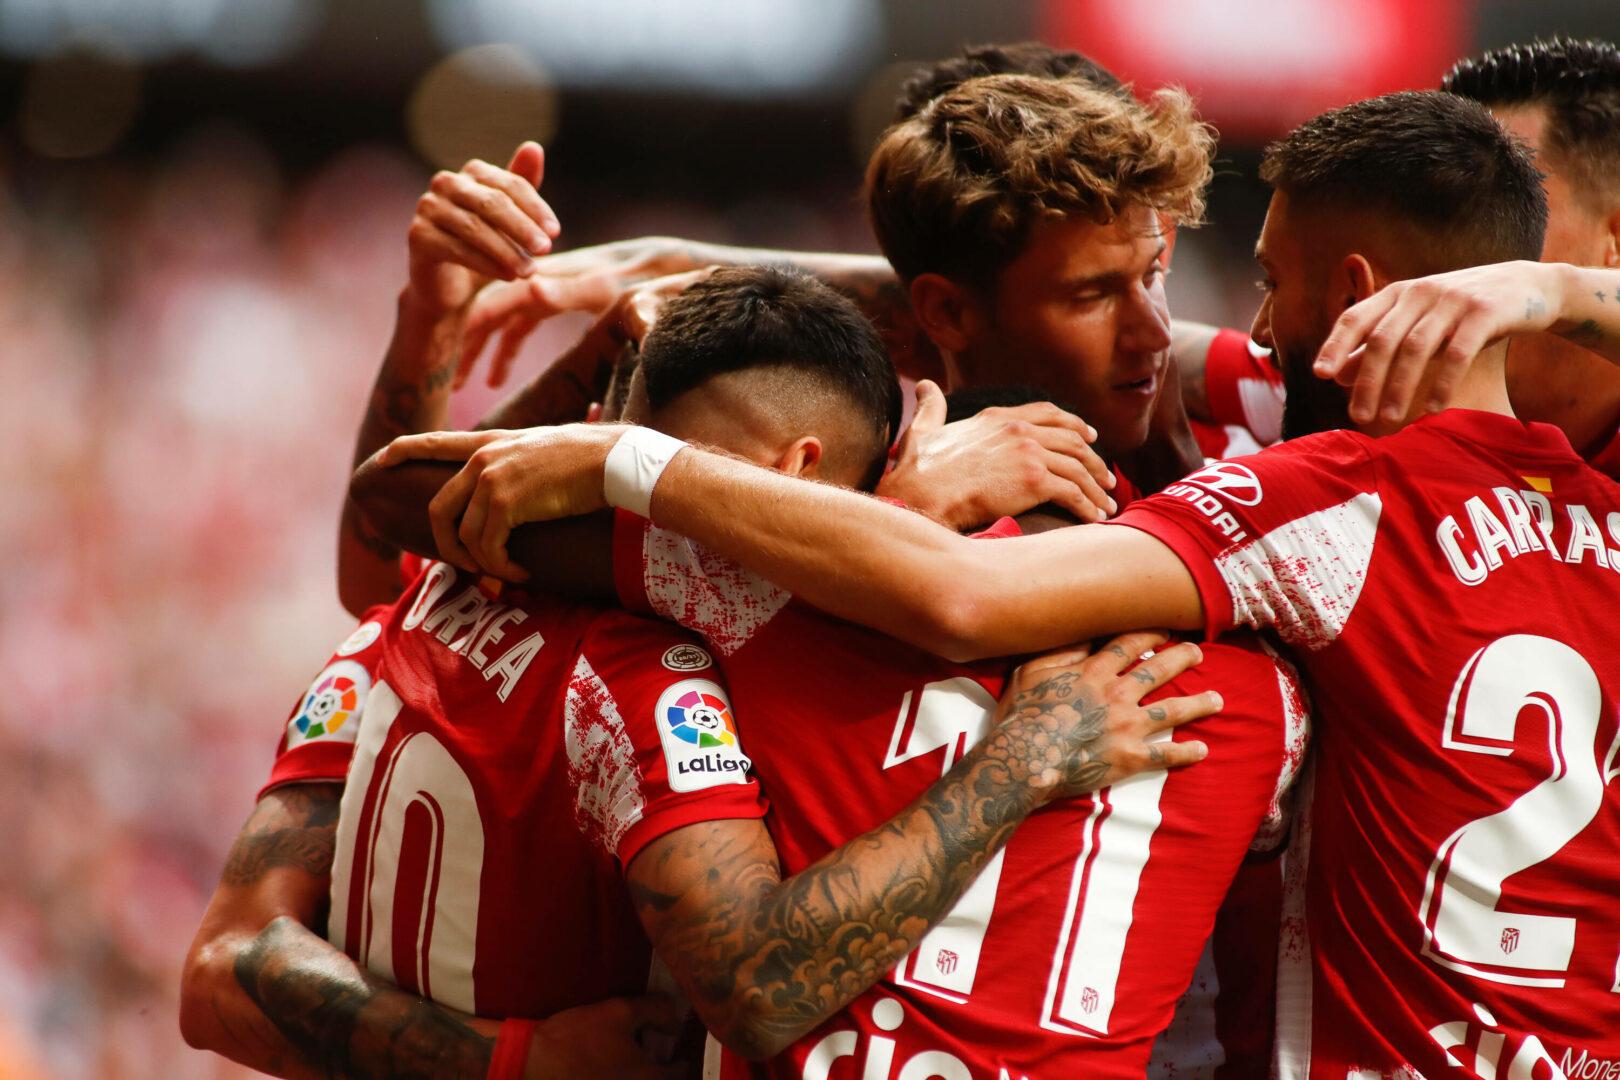 """Atlético vs. Villarreal: Gelingt den """"Rojiblancos"""" der perfekte Saisonstart?"""